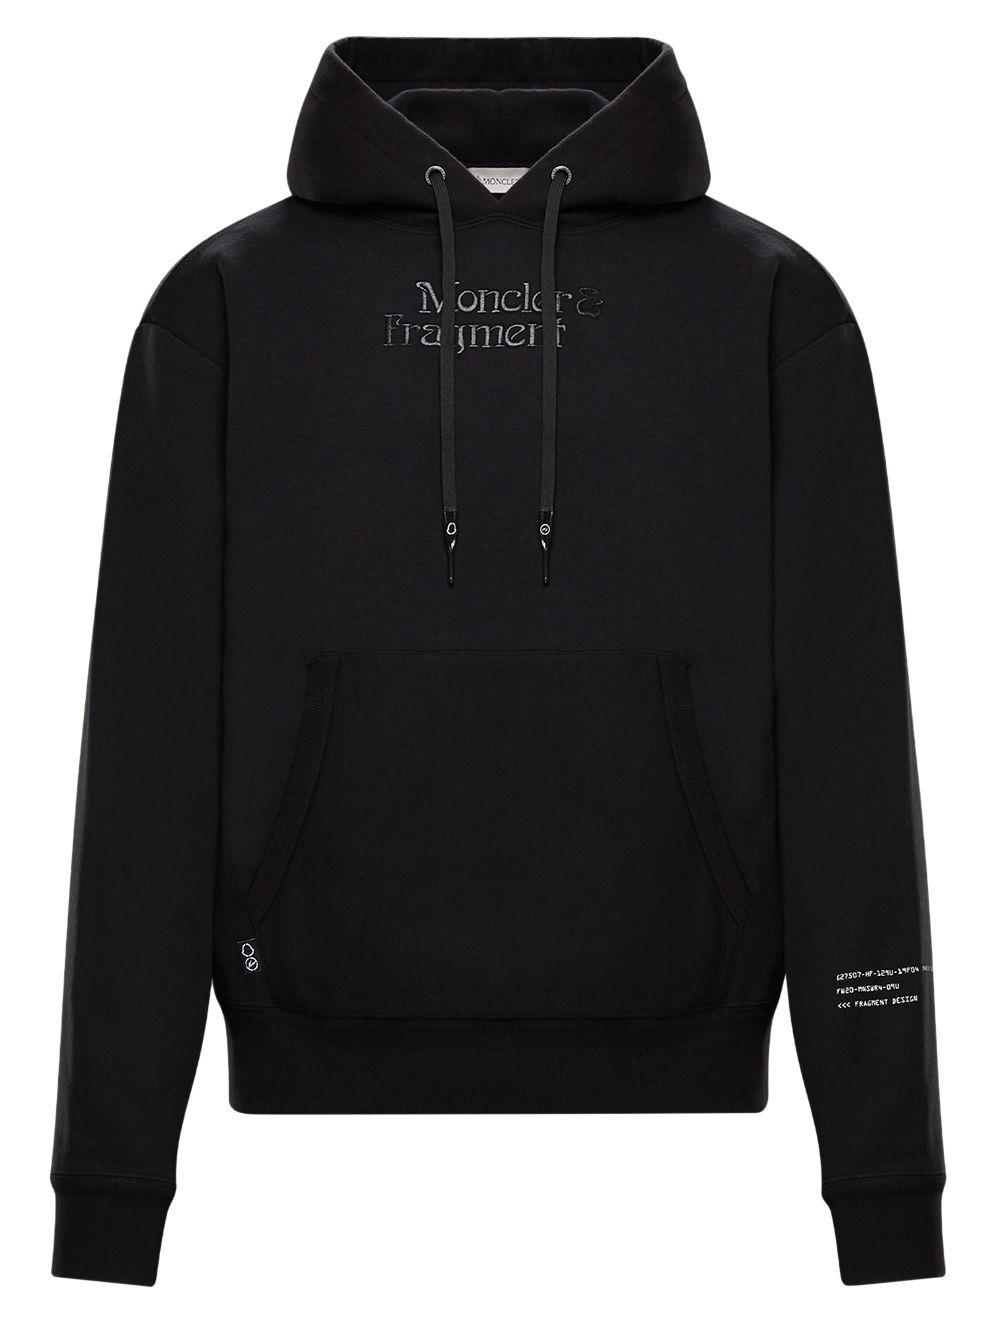 black long sleeves hoodie MONCLER GENIUS |  | 8G709-10-809F4999